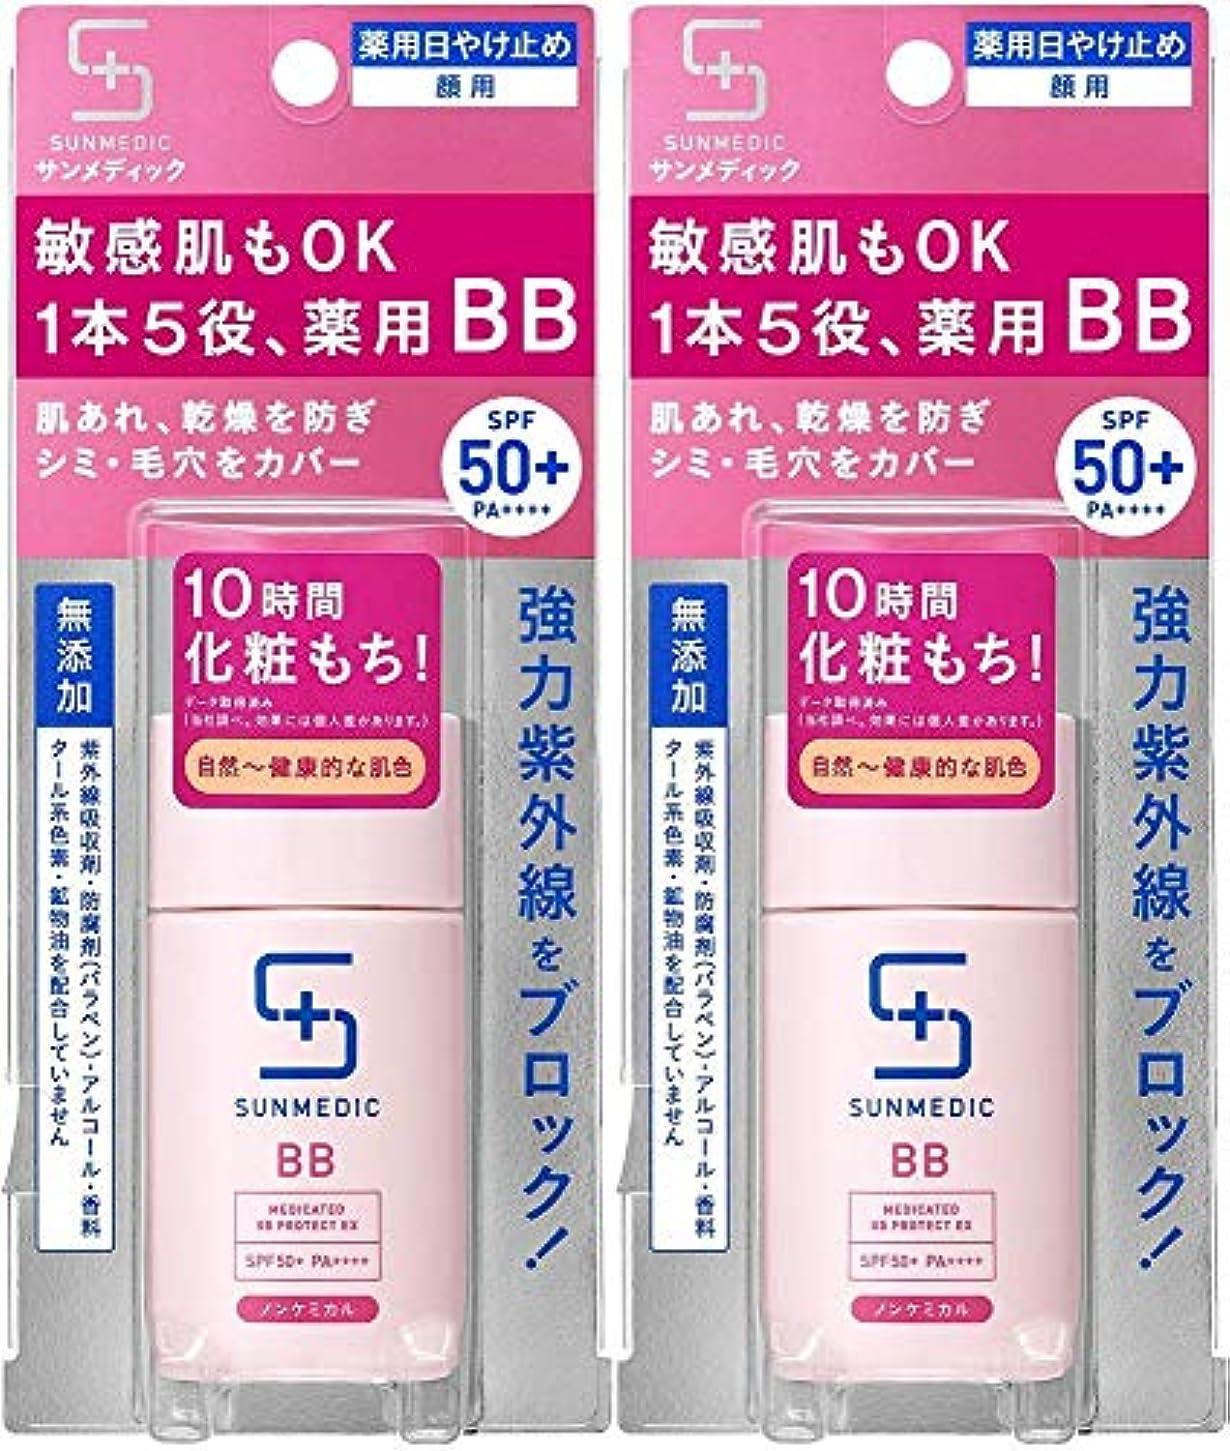 欠席カール意味のある【2個セット】サンメディックUV 薬用BBプロテクトEX ナチュラル 30ml (医薬部外品)